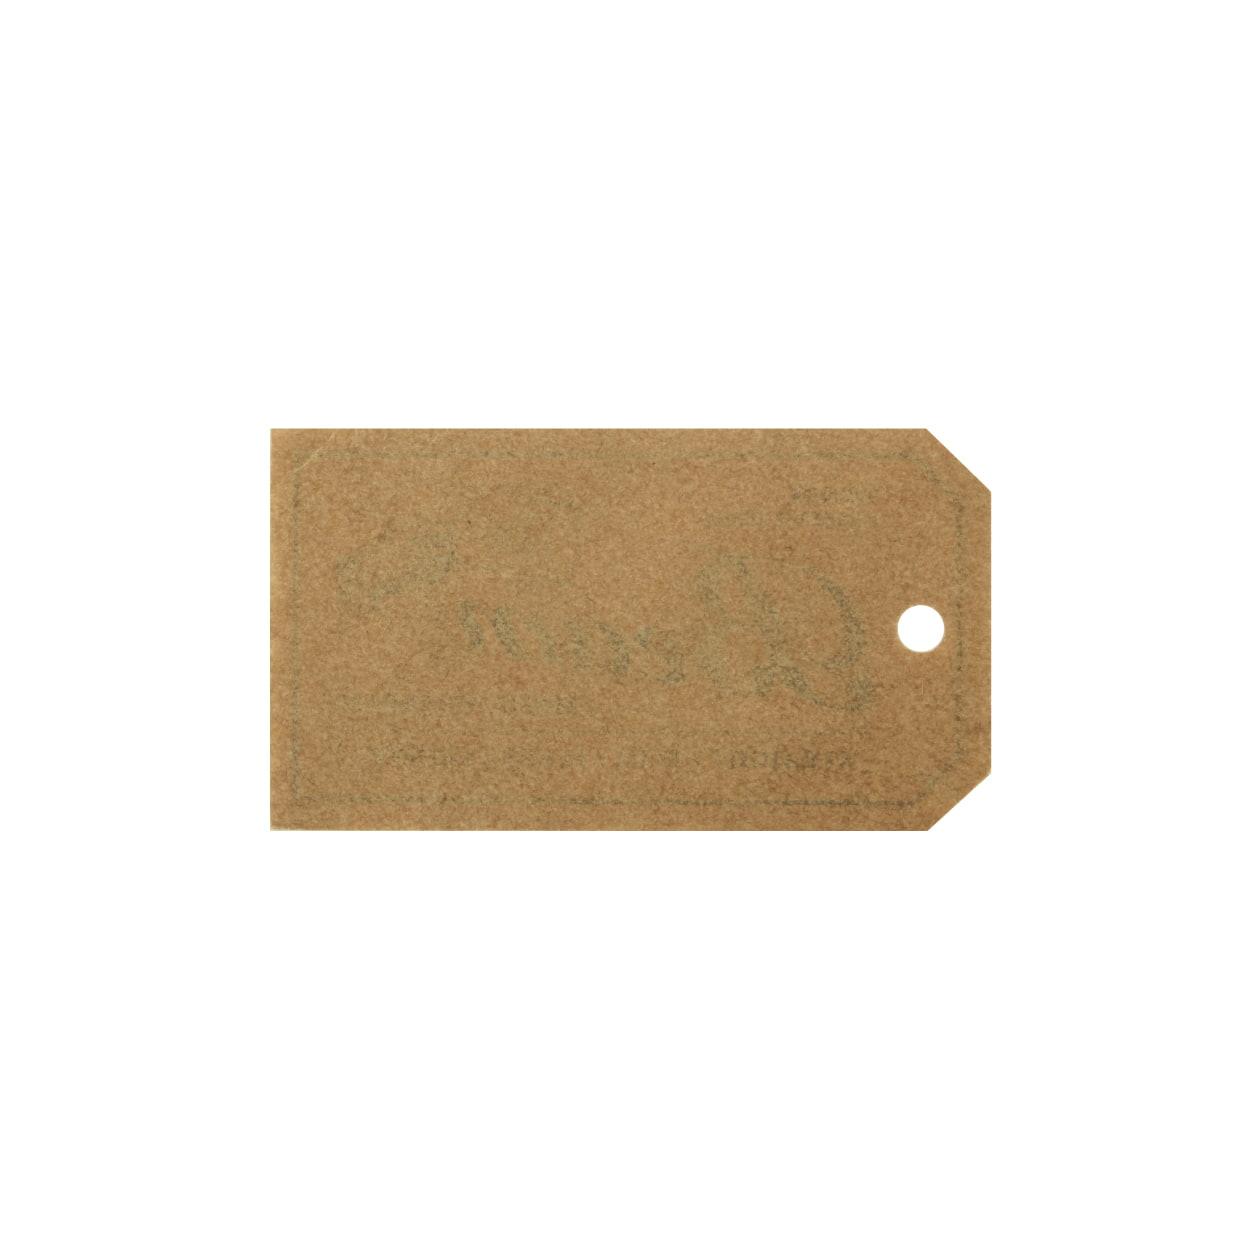 サンプル カード・シート 00072